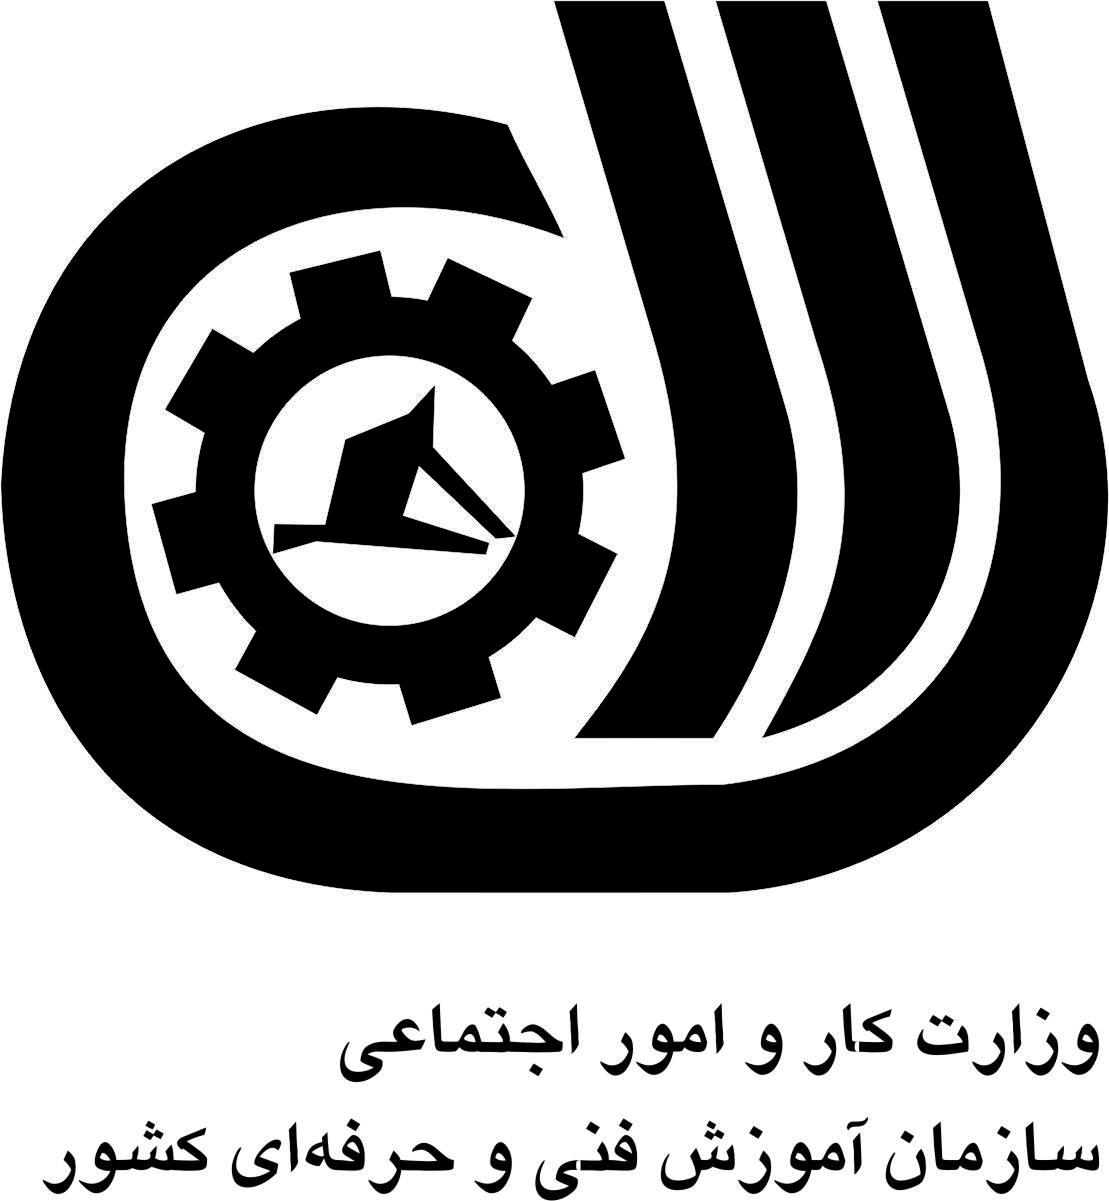 وزارت کار و امور لجتماعی